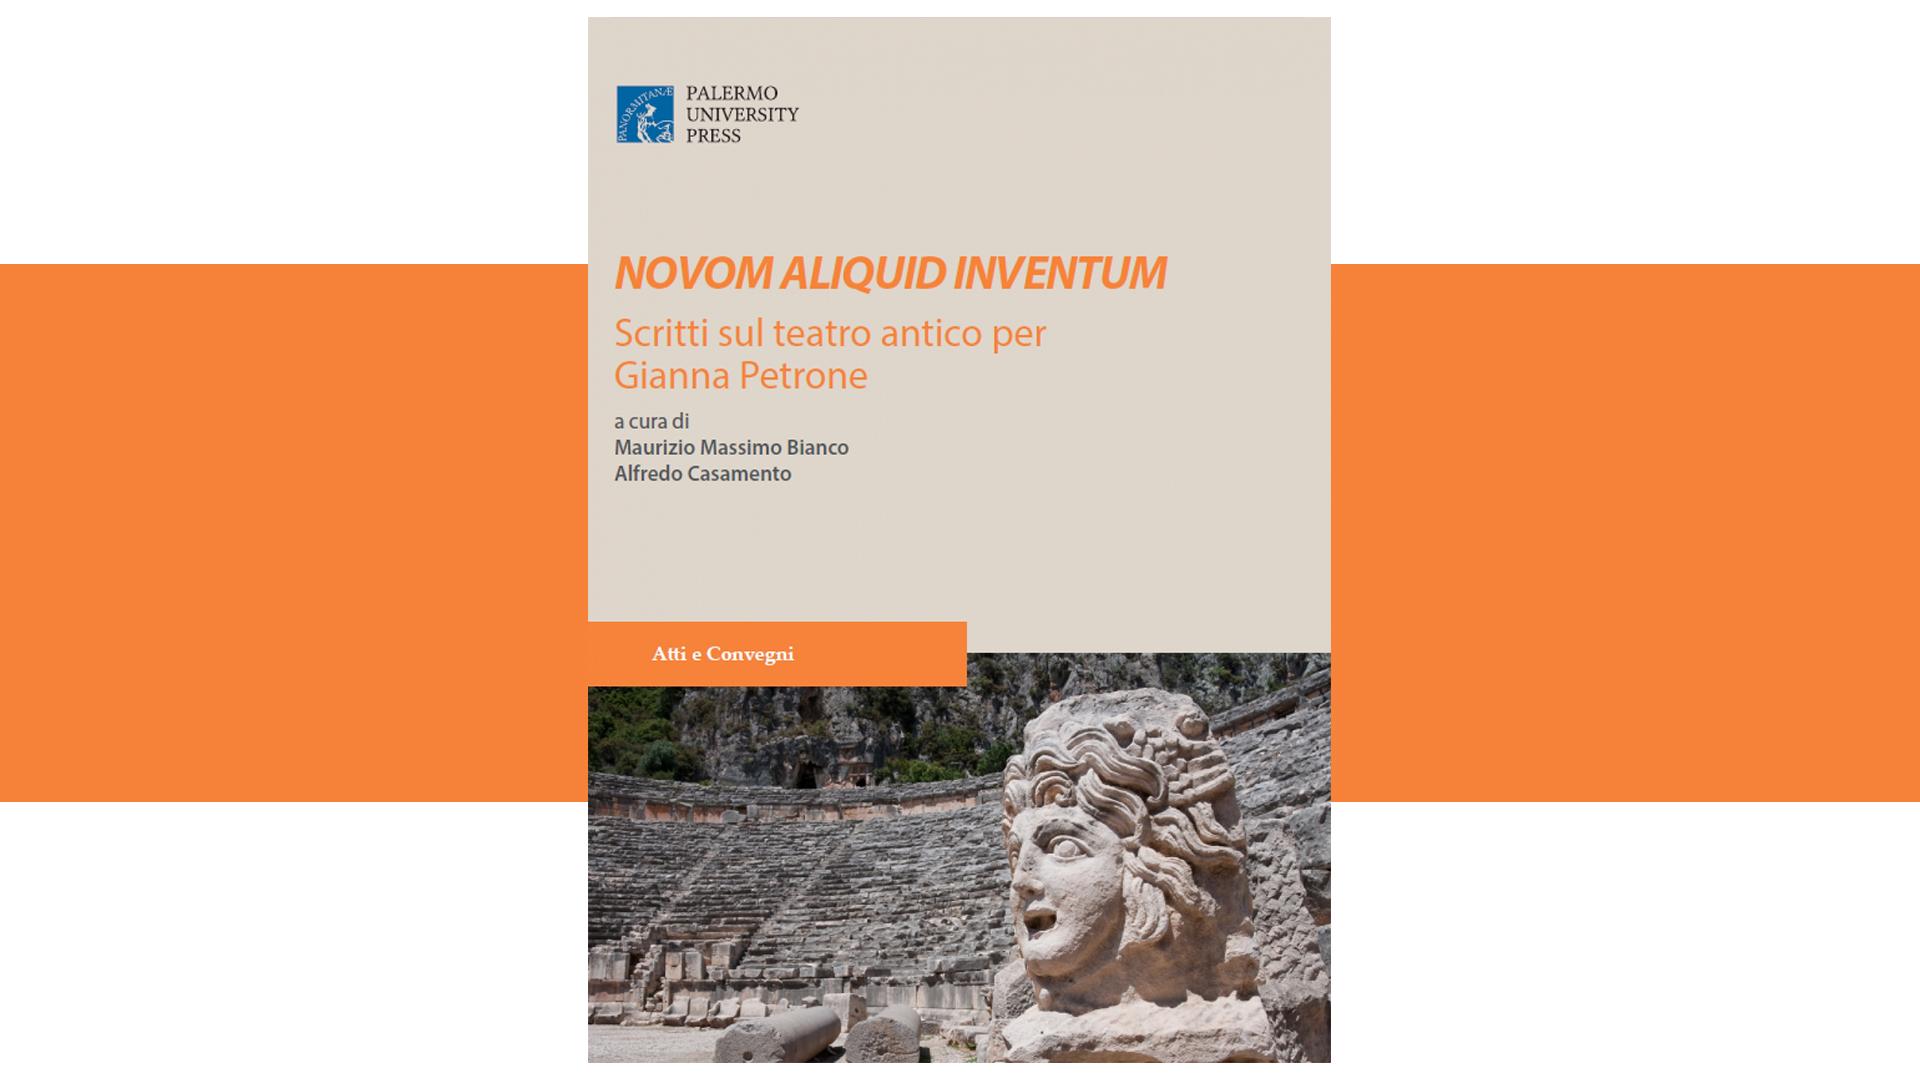 Novom aliquid inventum. Scritti sul teatro antico per Gianna Petrone a cura di Maurizio Massimo Bianco ed Alfredo Casamento